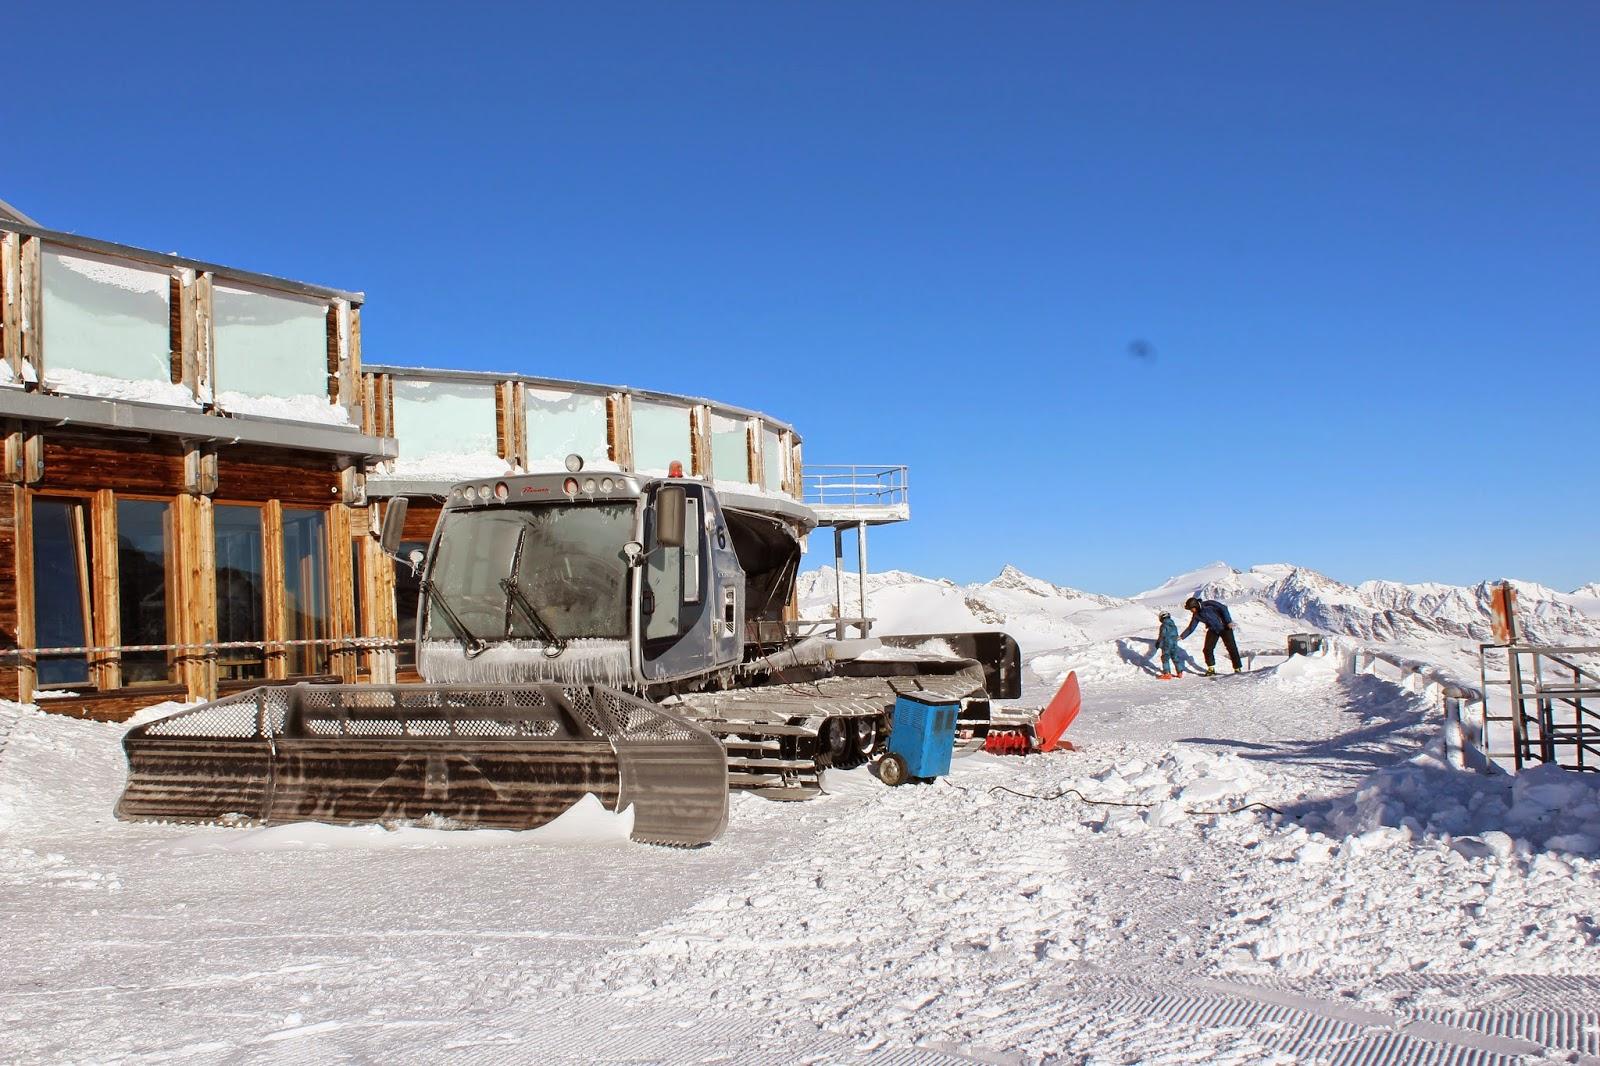 ratrak, grawand italy, snow, śnieg we Włoszech, szczyt lodowca, piekne widoki zima